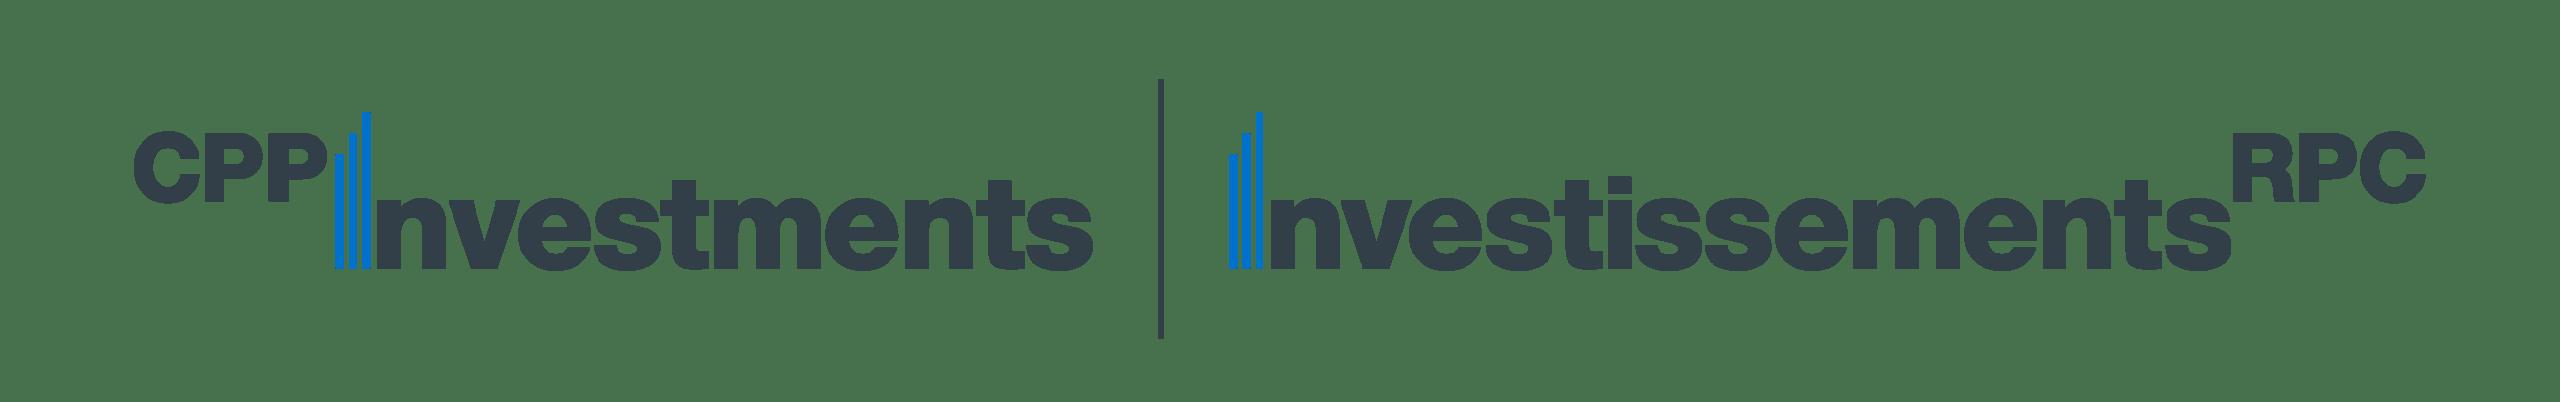 CPP Invest bilingual logo